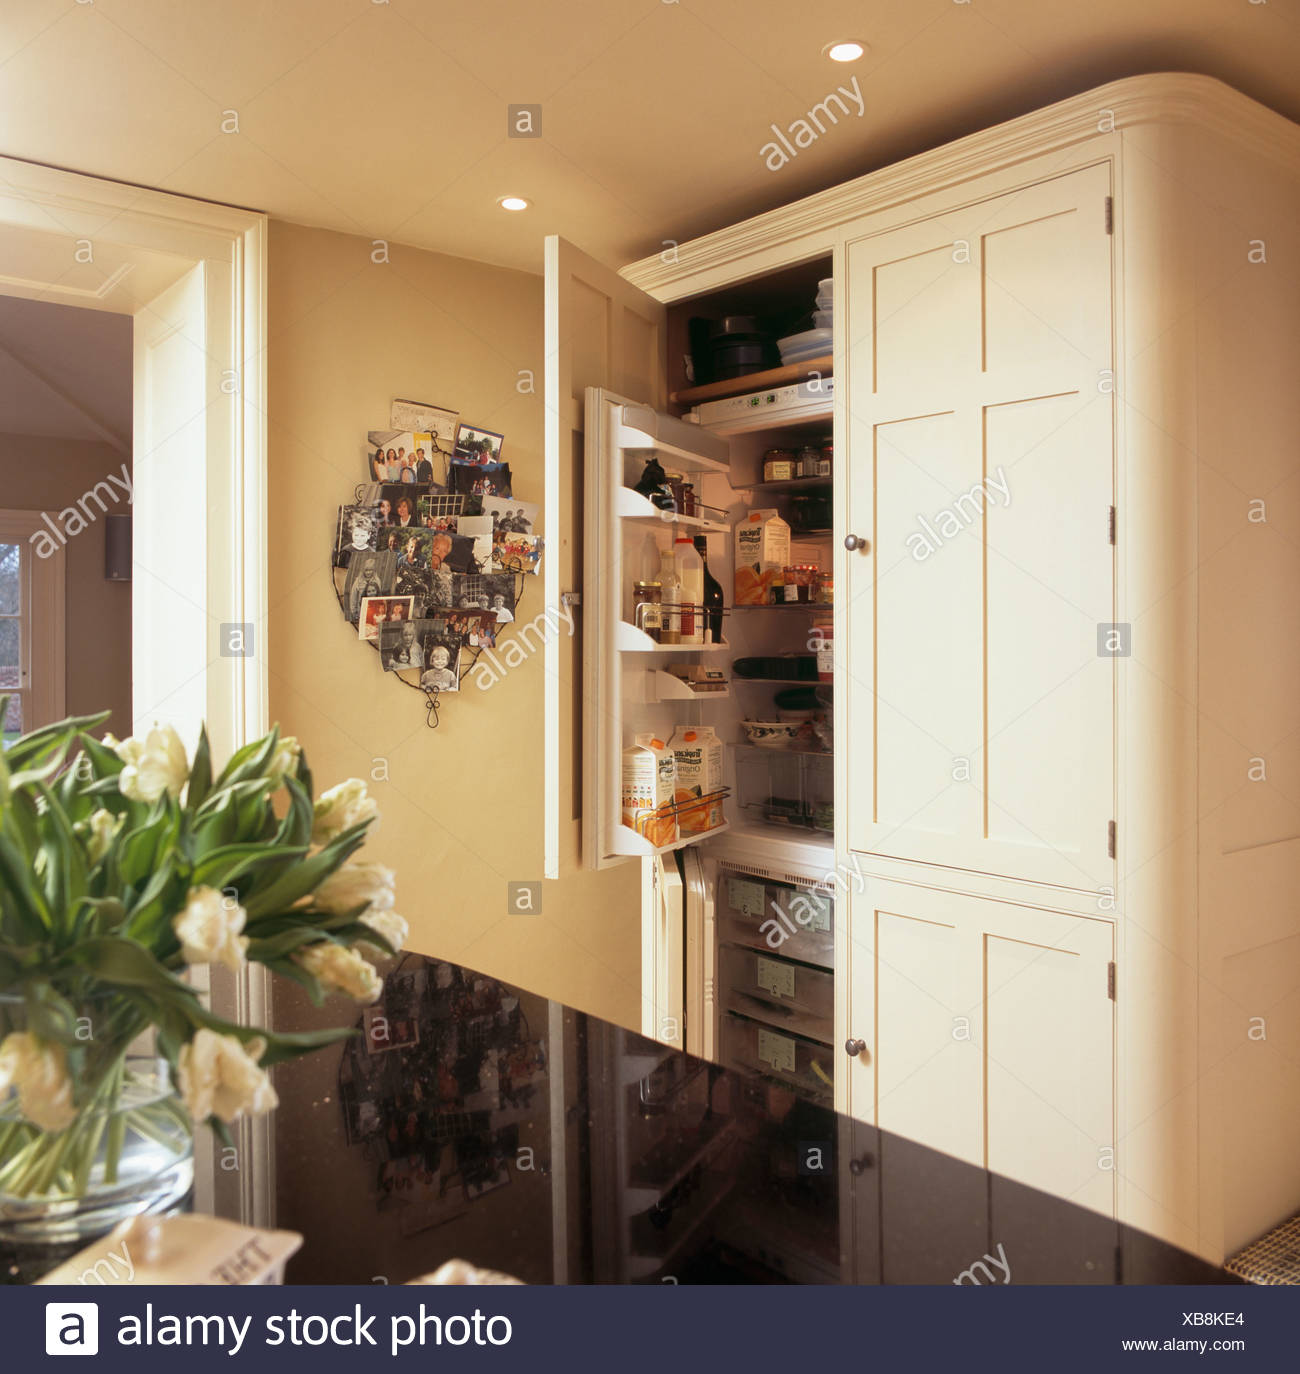 Neutraler Schrank Mit Eingebautem Kuhlschrank Und Gefrierschrank